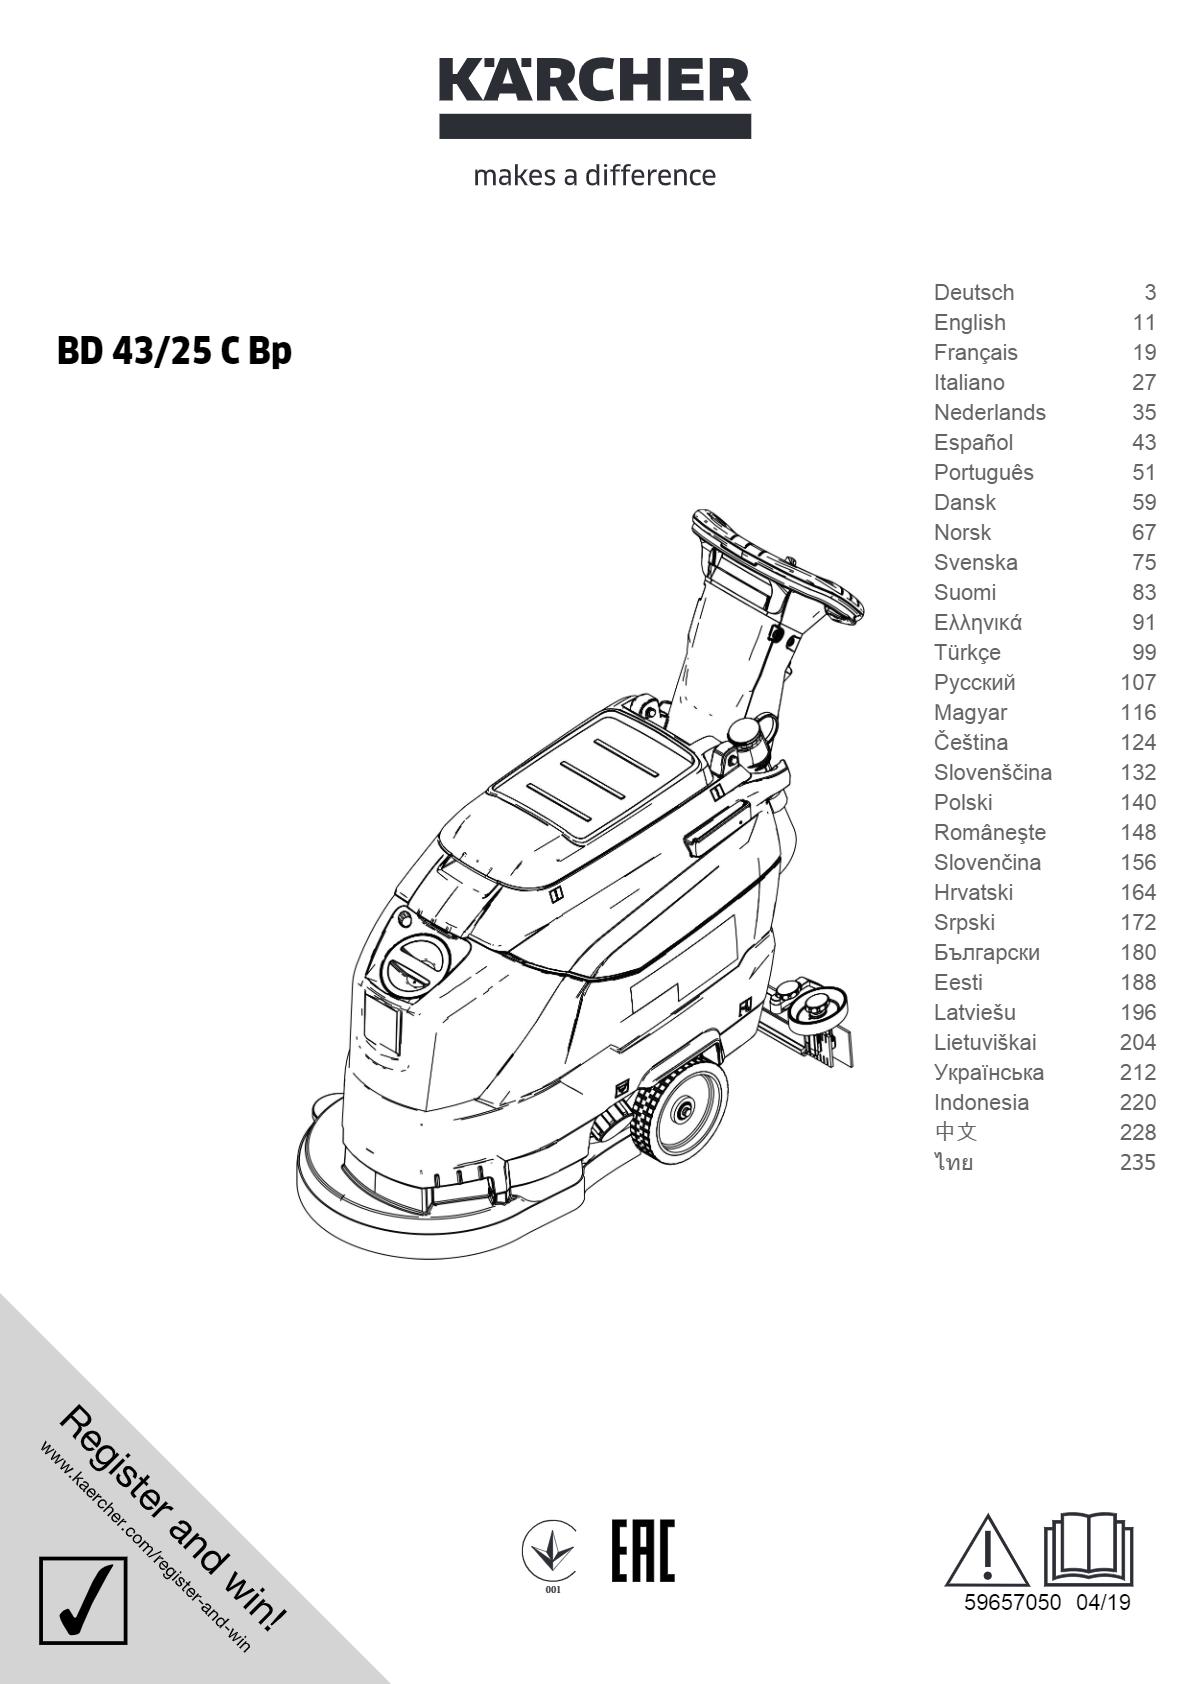 洗地吸干机 BD 43/25 C Bp 说明书说明书下载